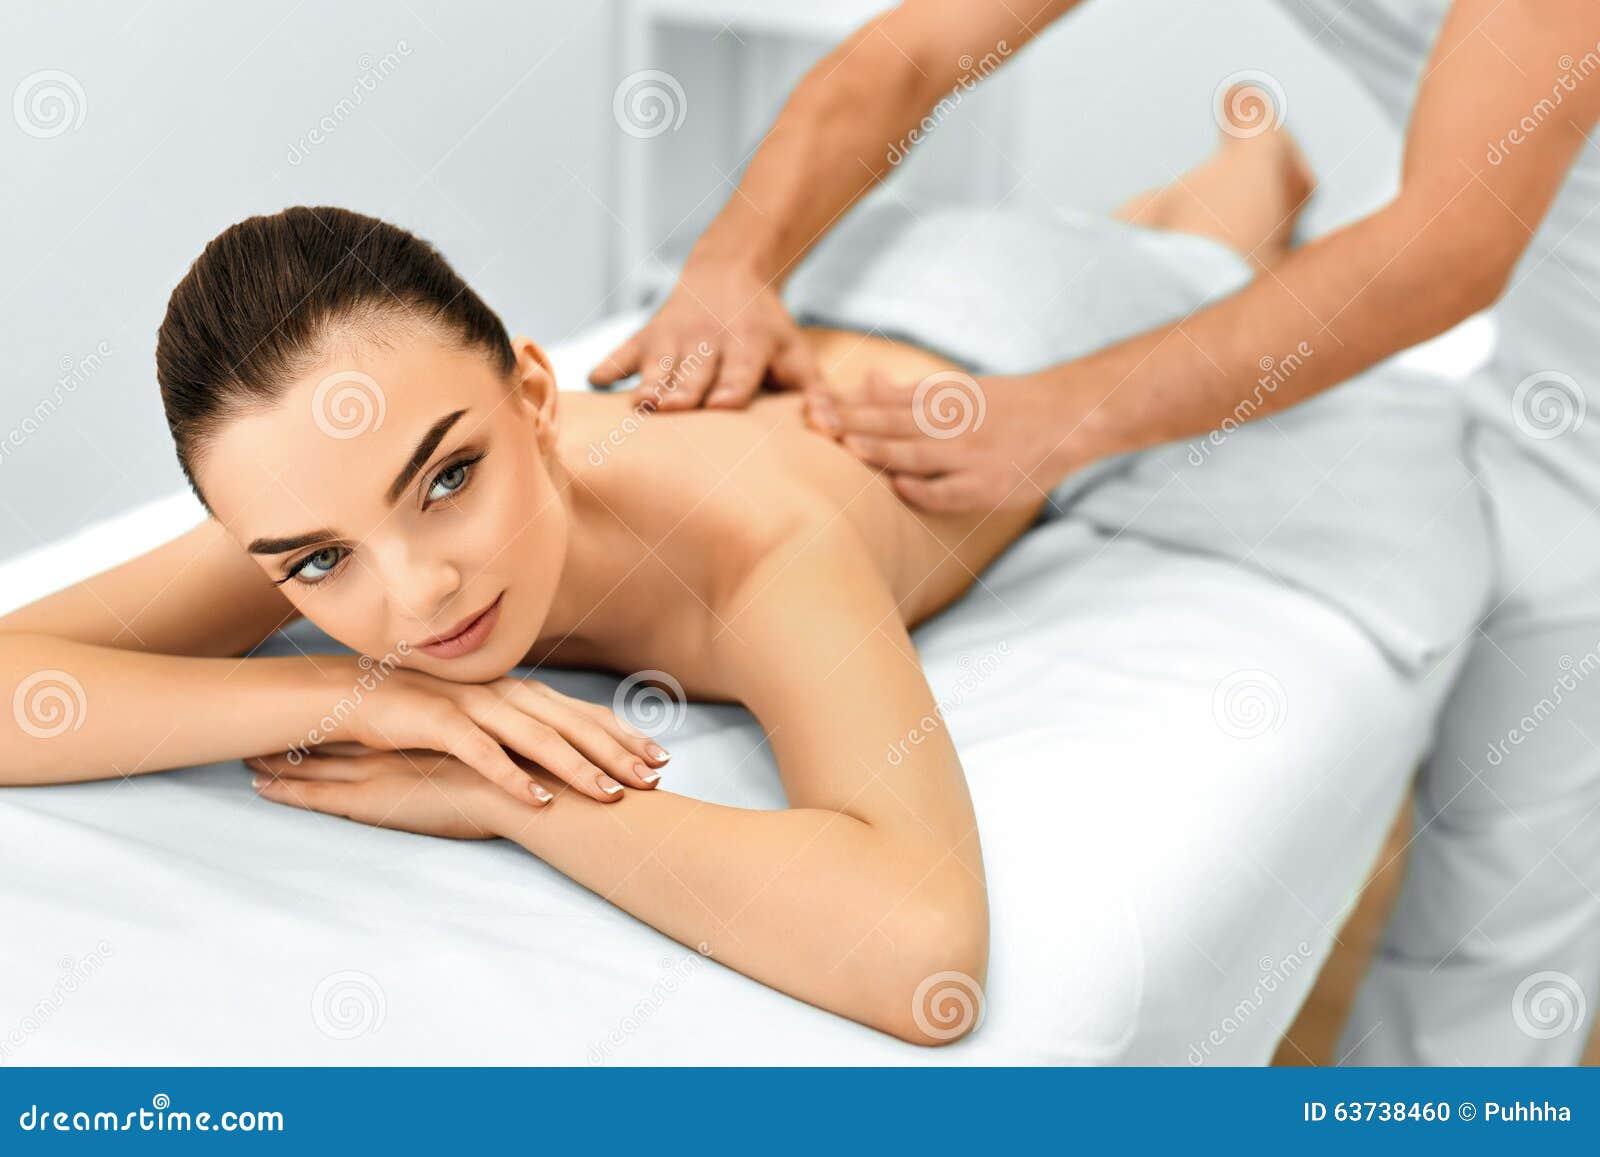 massage hudiksvall body care